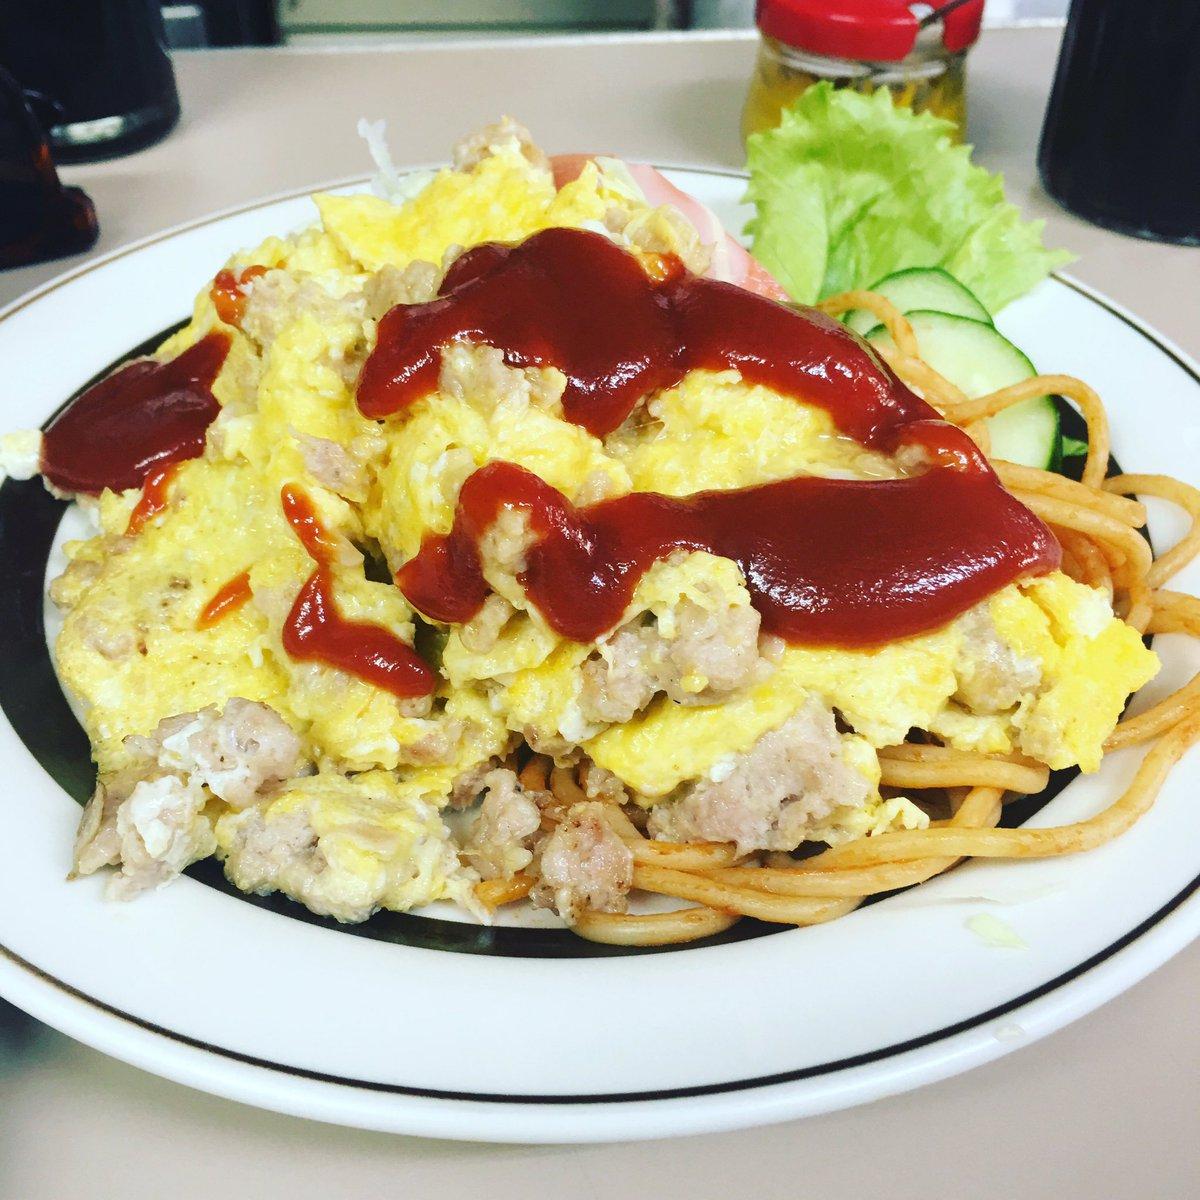 ボロい洋食屋で、サービス定食を頼んだら、ひき肉の卵とじ炒めというお母さんのアイデア料理みたいなものが出てきて興奮してる https://t.co/pQZ0FNAFtv